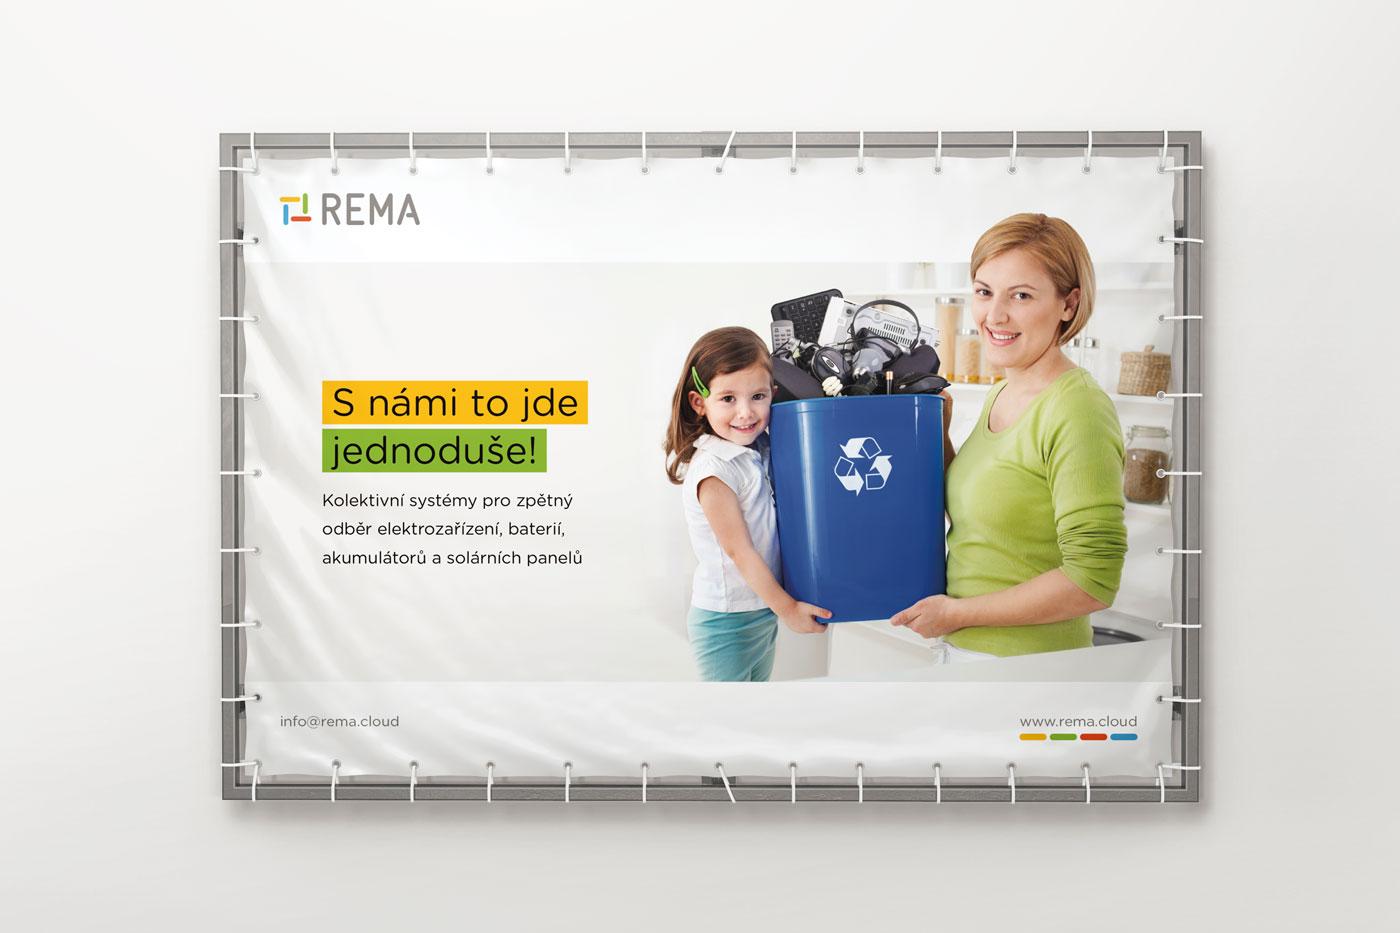 Návrh reklamního banneru pro společnost REMA - 1. varianta